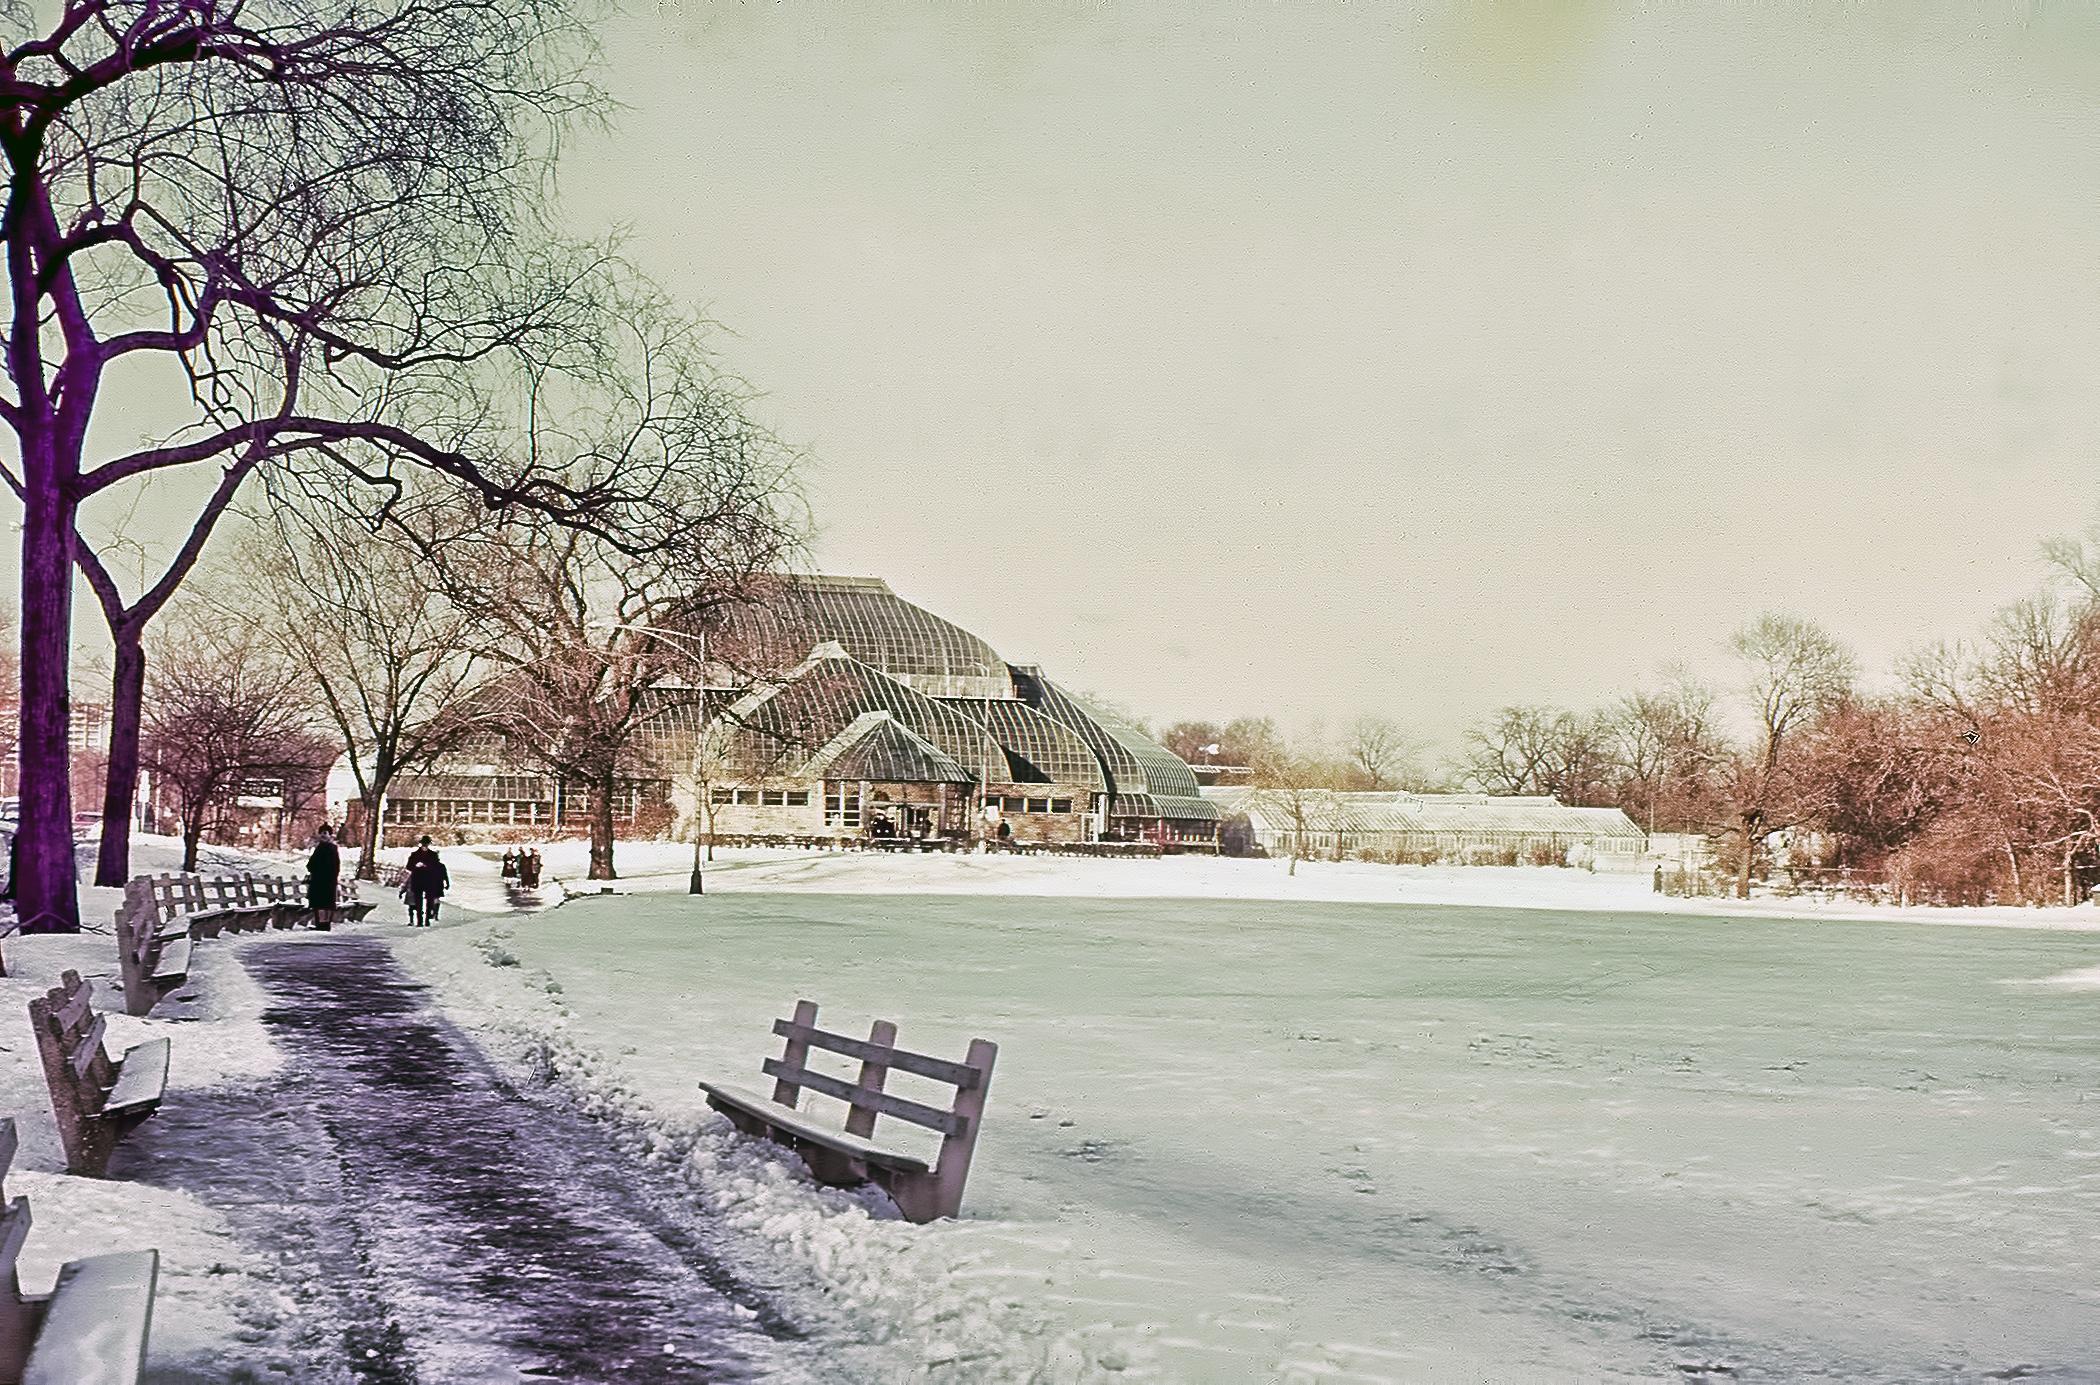 Lincoln Park Conservatory - capnvideo | ello